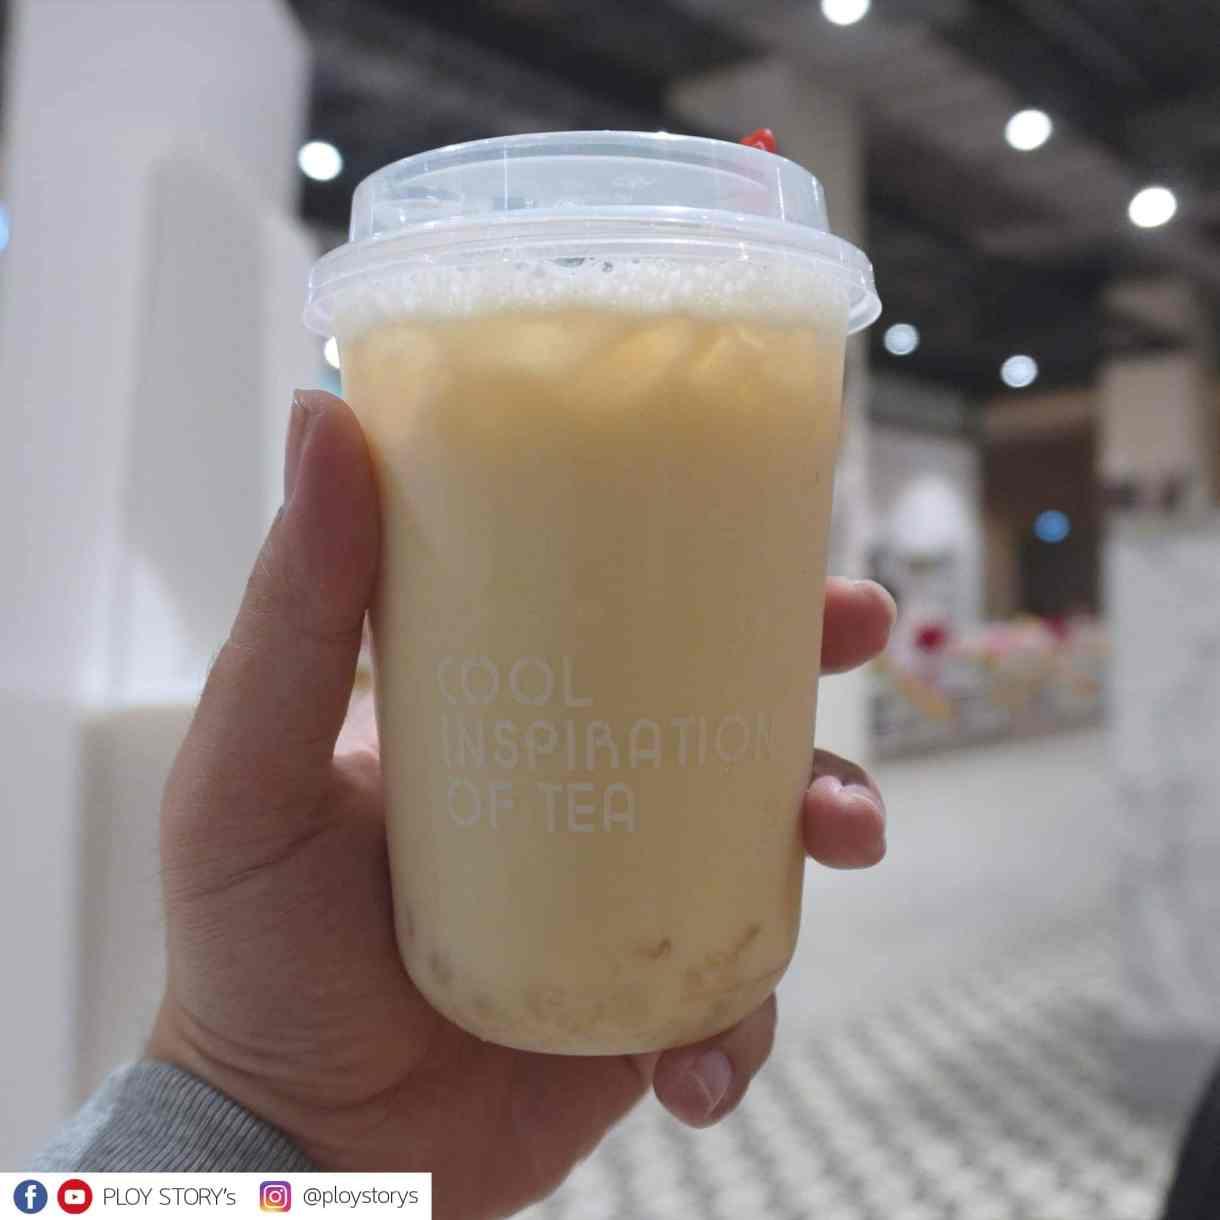 - 09 - รีวิวร้านชา TEASO สวรรค์ของคนรักชา ต้นตำรับจากฮ่องกง คนลดน้ำหนักกินได้แบบไม่รู้สึกผิด